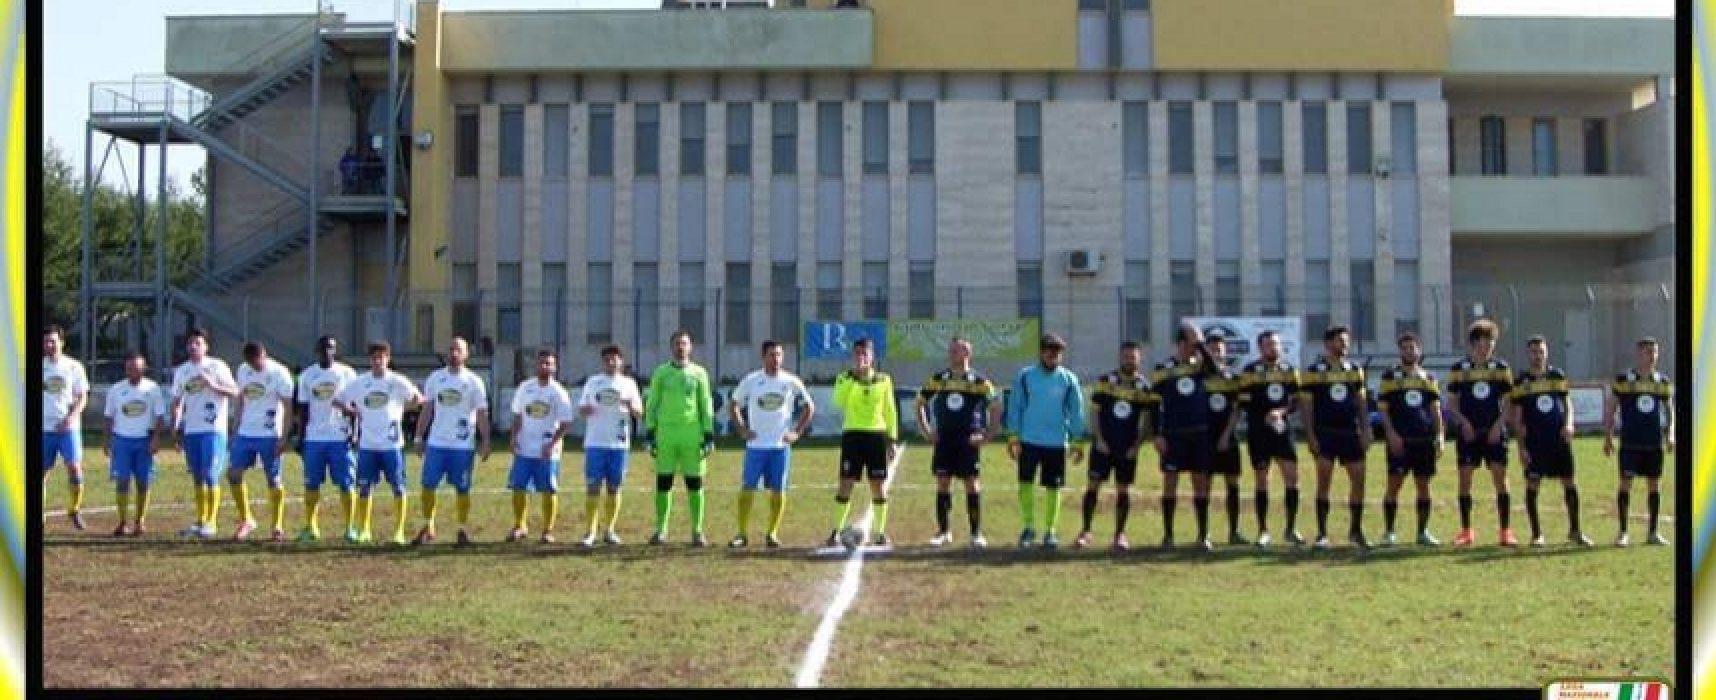 Seconda Categoria: Don Uva di misura sul Bellavitainpuglia; centrata la finale playoff / CLASSIFICA